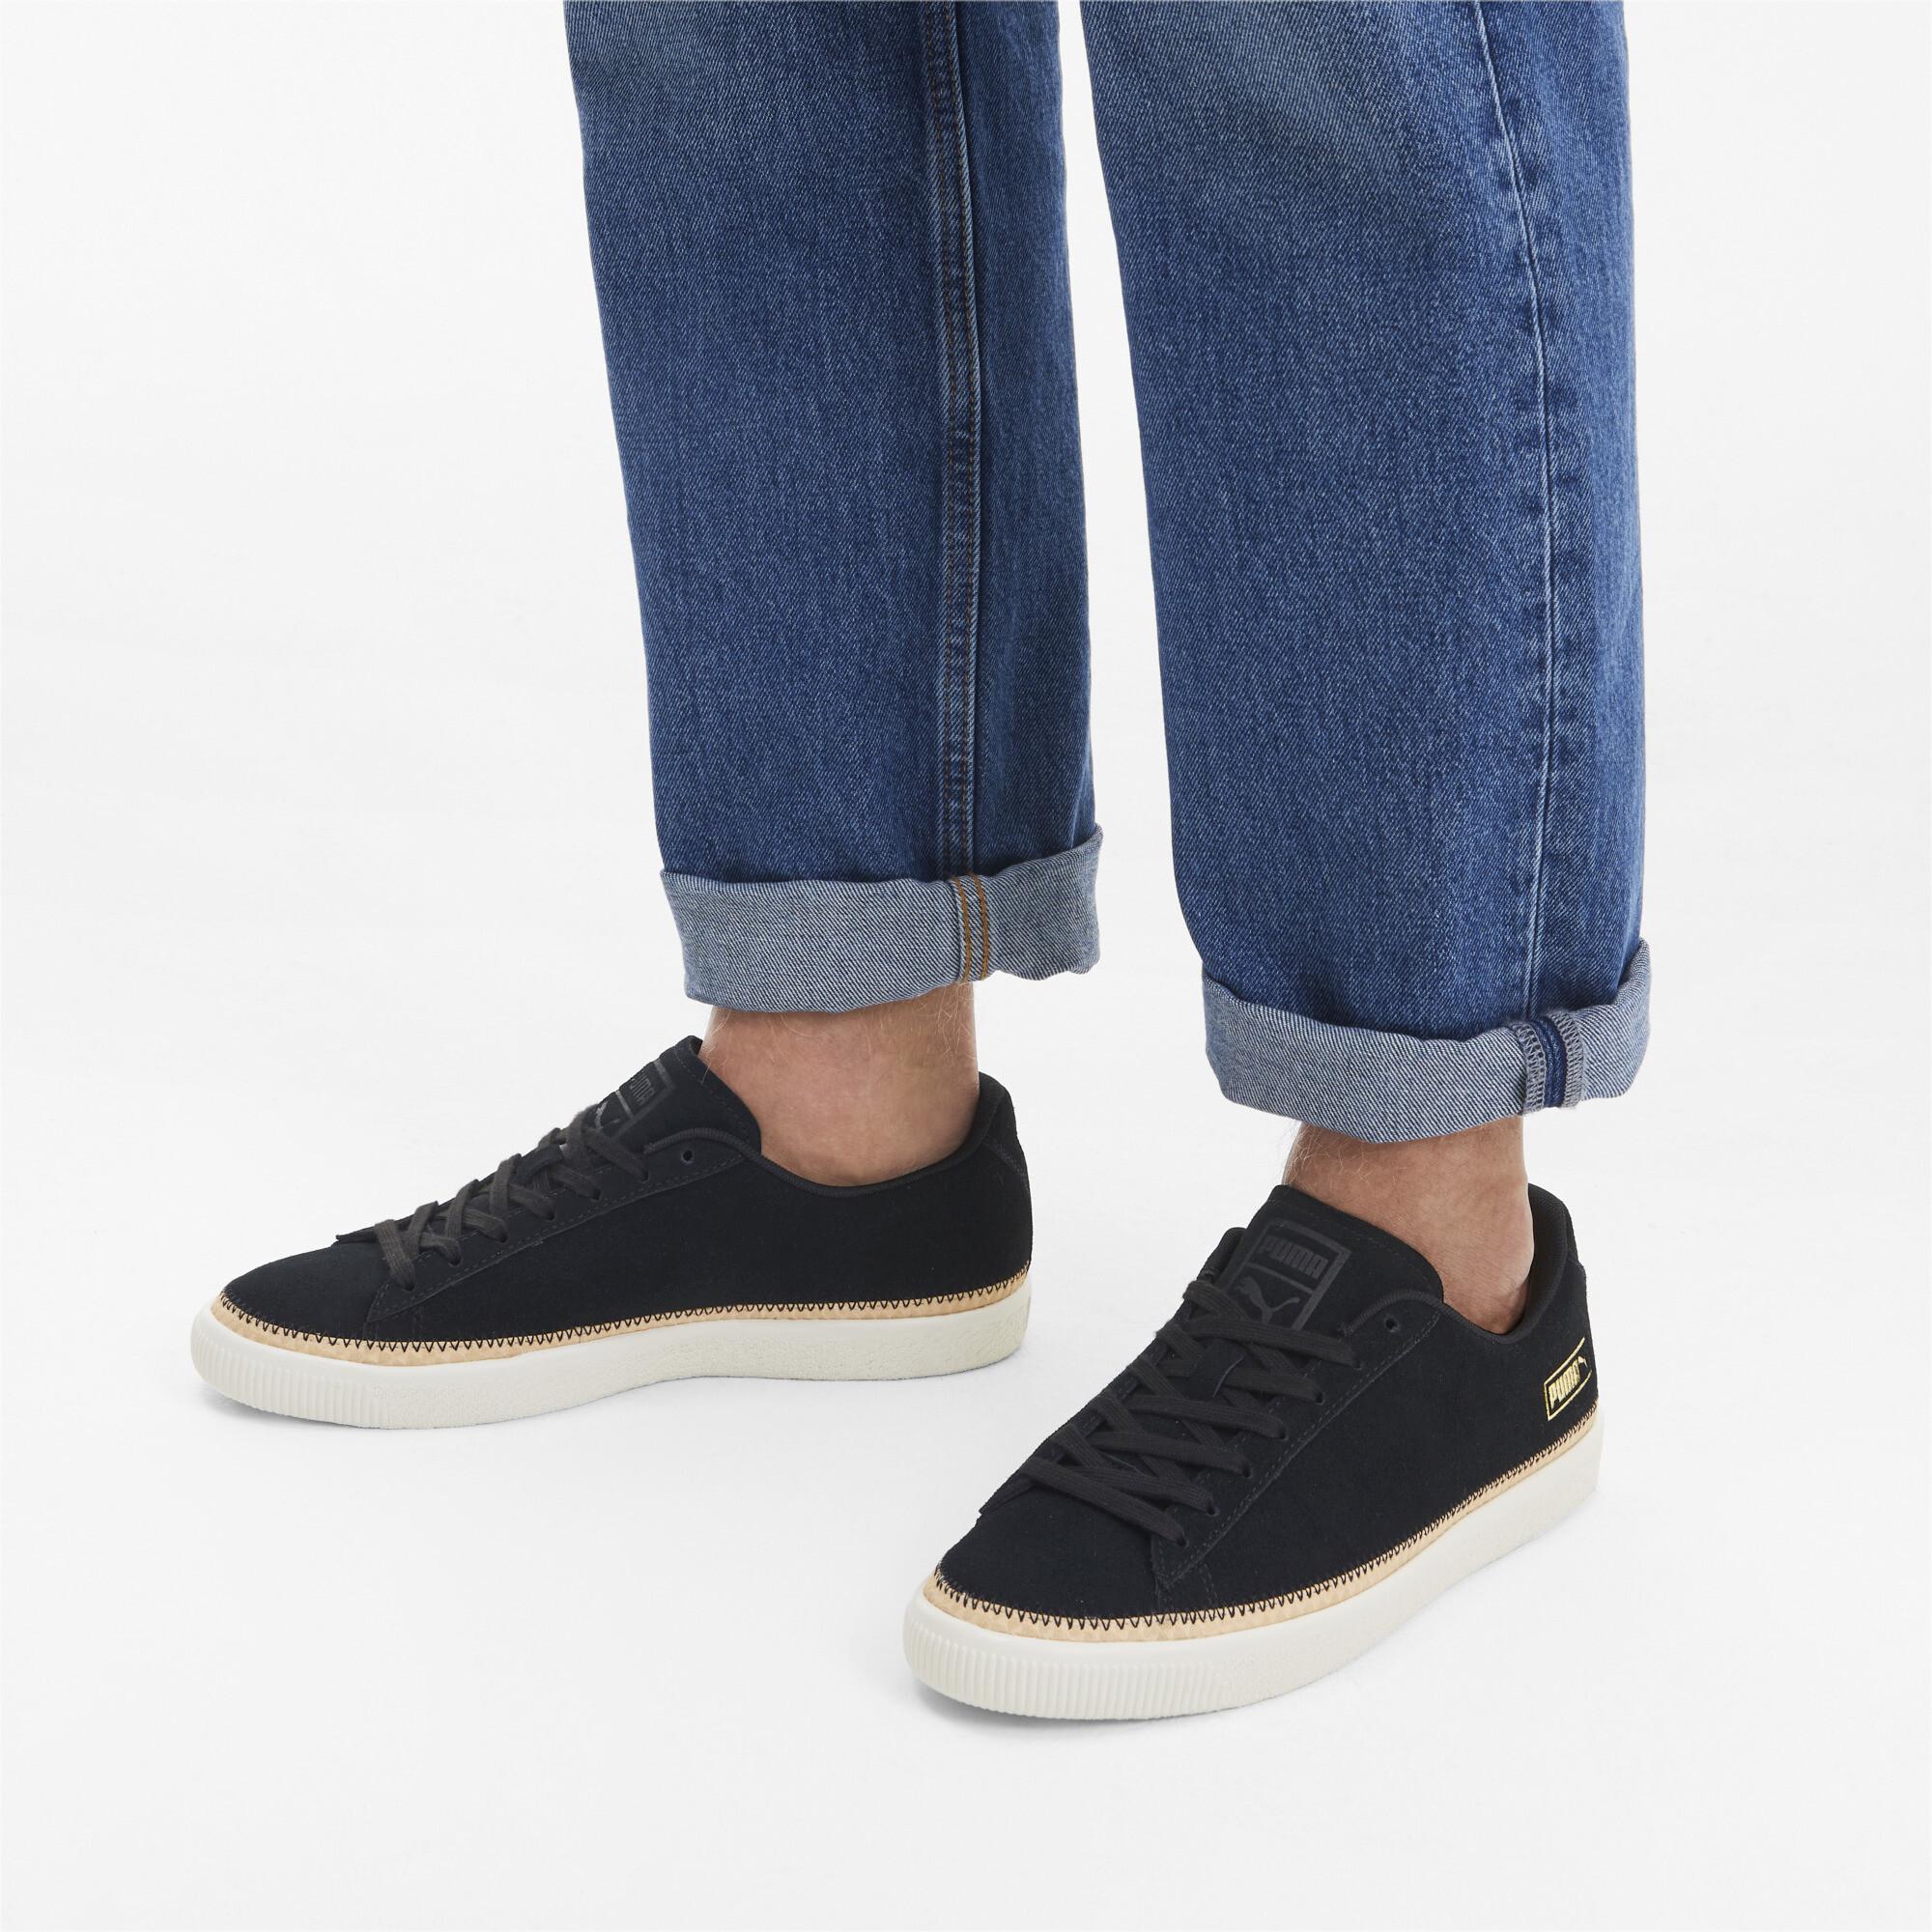 PUMA-Men-039-s-Suede-Trim-DLX-Sneakers thumbnail 19